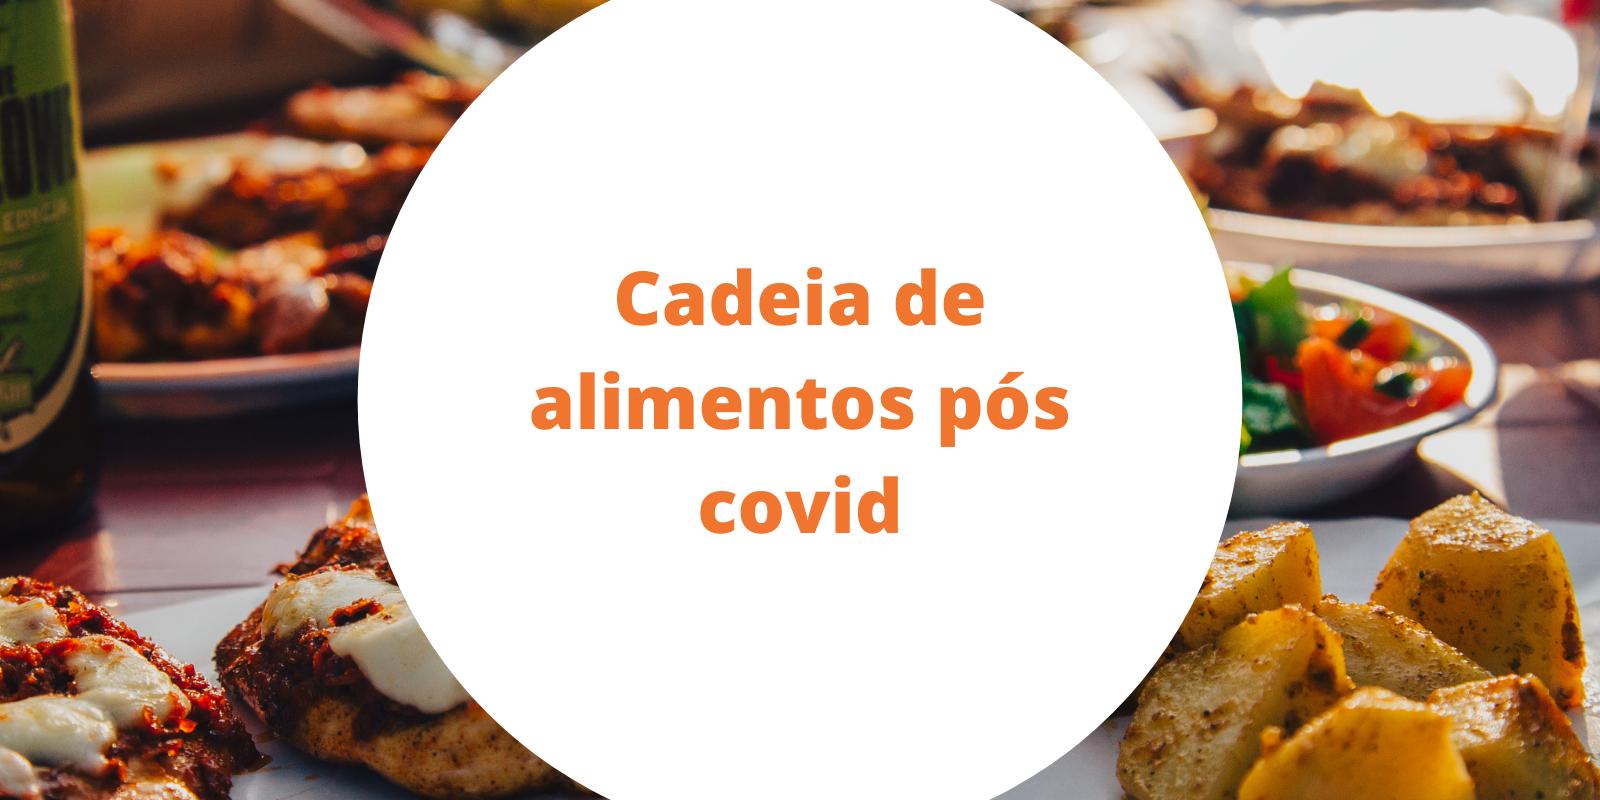 Imagem: Artigo: O que deve mudar na cadeia de alimentos pós Covid-19